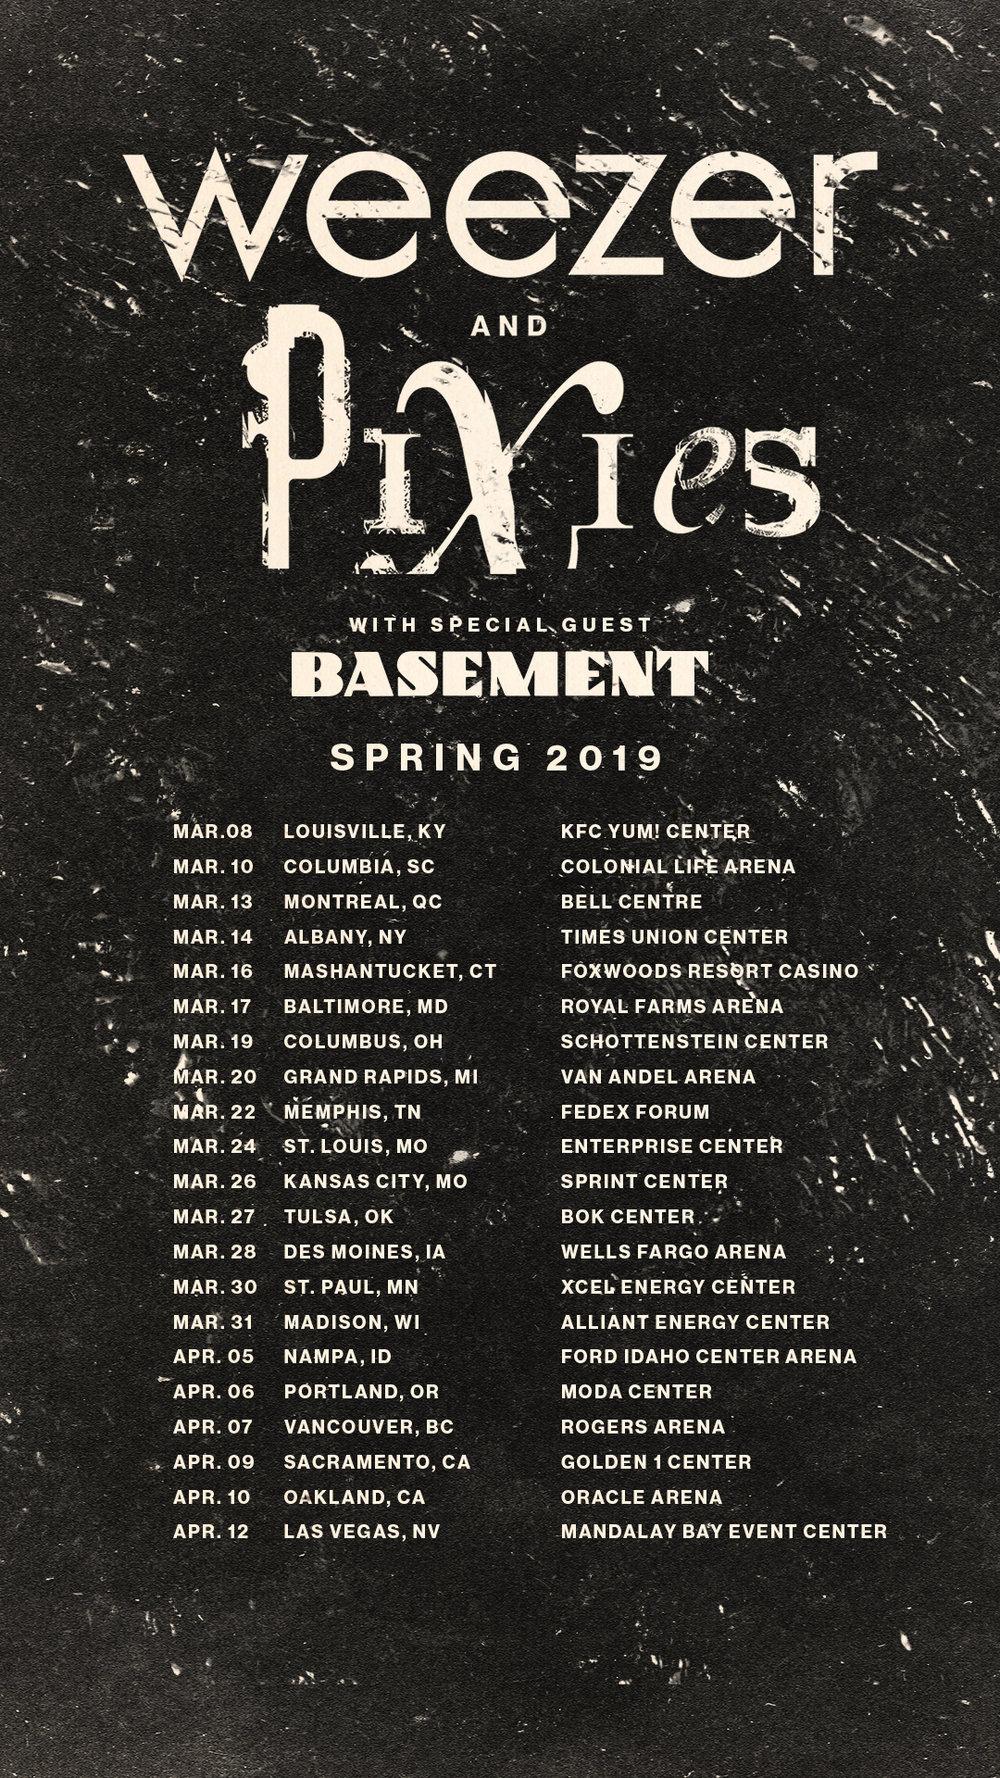 Weezer_Pixies_Instagram_Story_wDates_1080x1920_Static.jpg